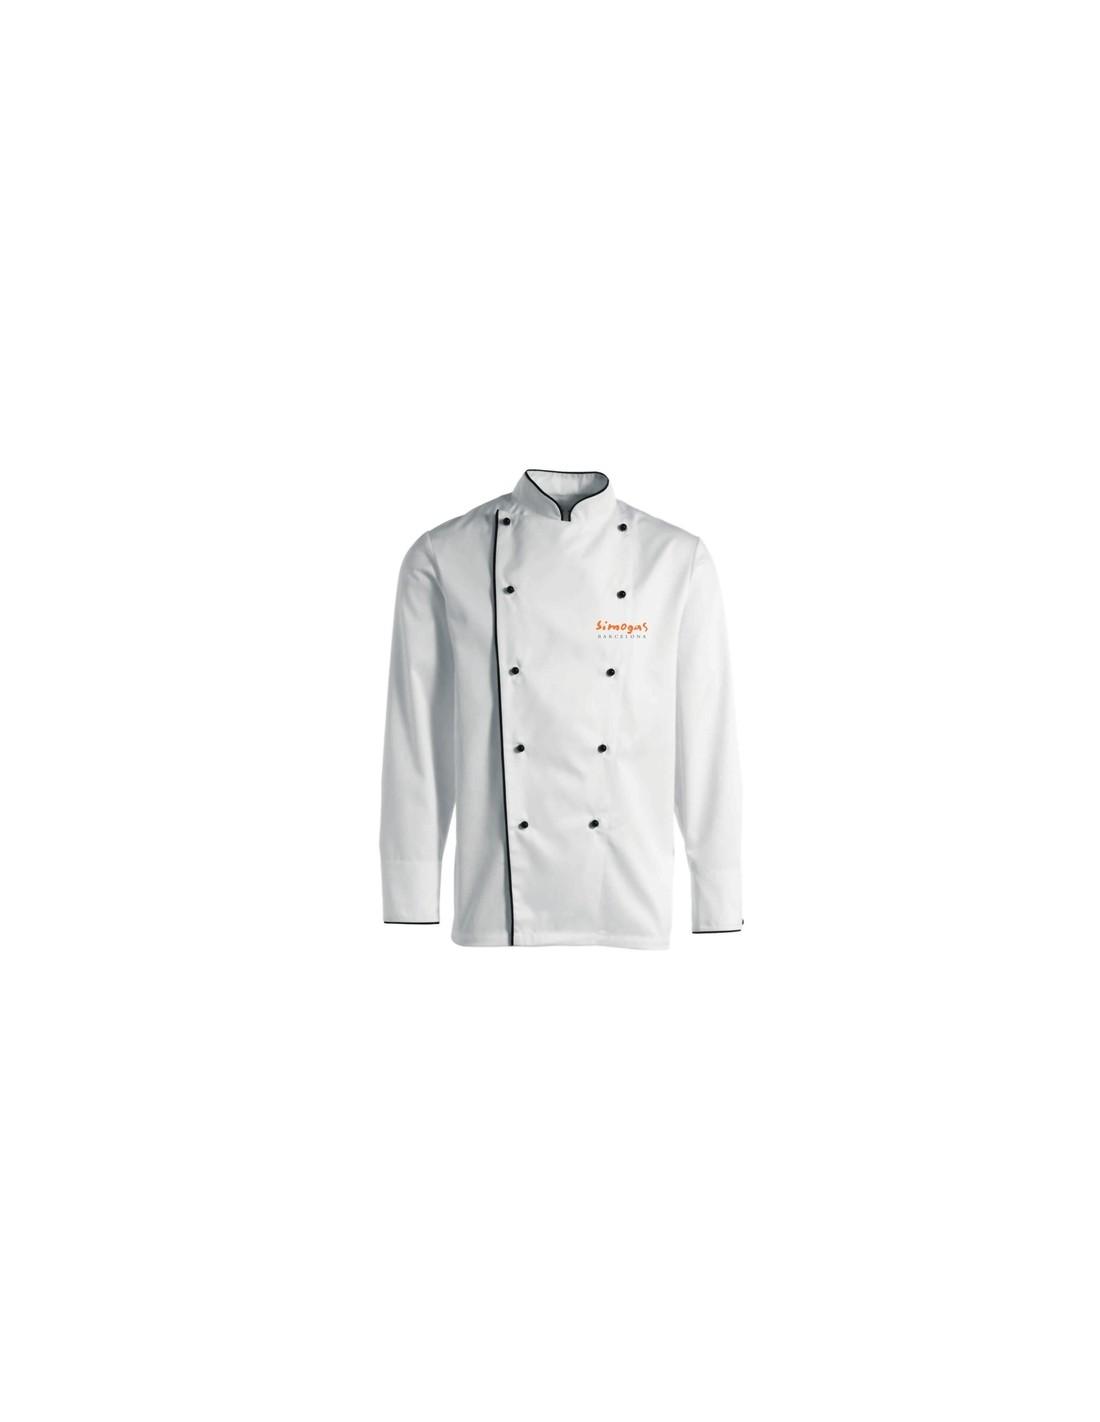 Veste Chef Simogas 2d1cec91967c